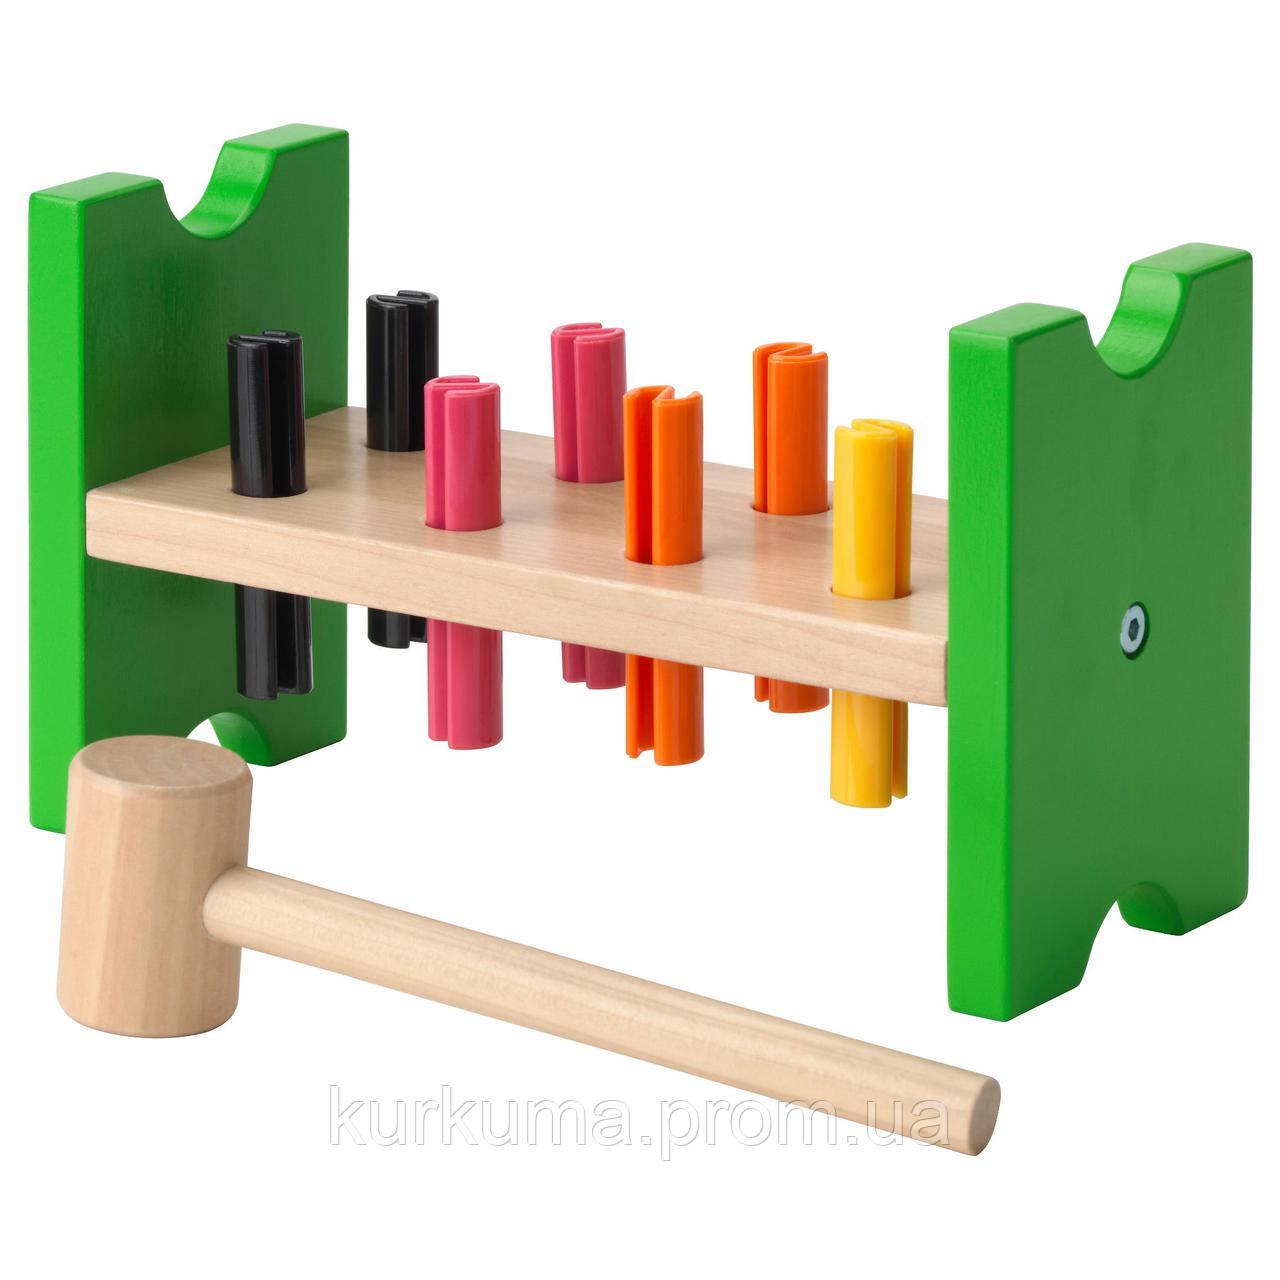 IKEA MULA Блок с колышками и молотком, многоцветный  (702.948.91)